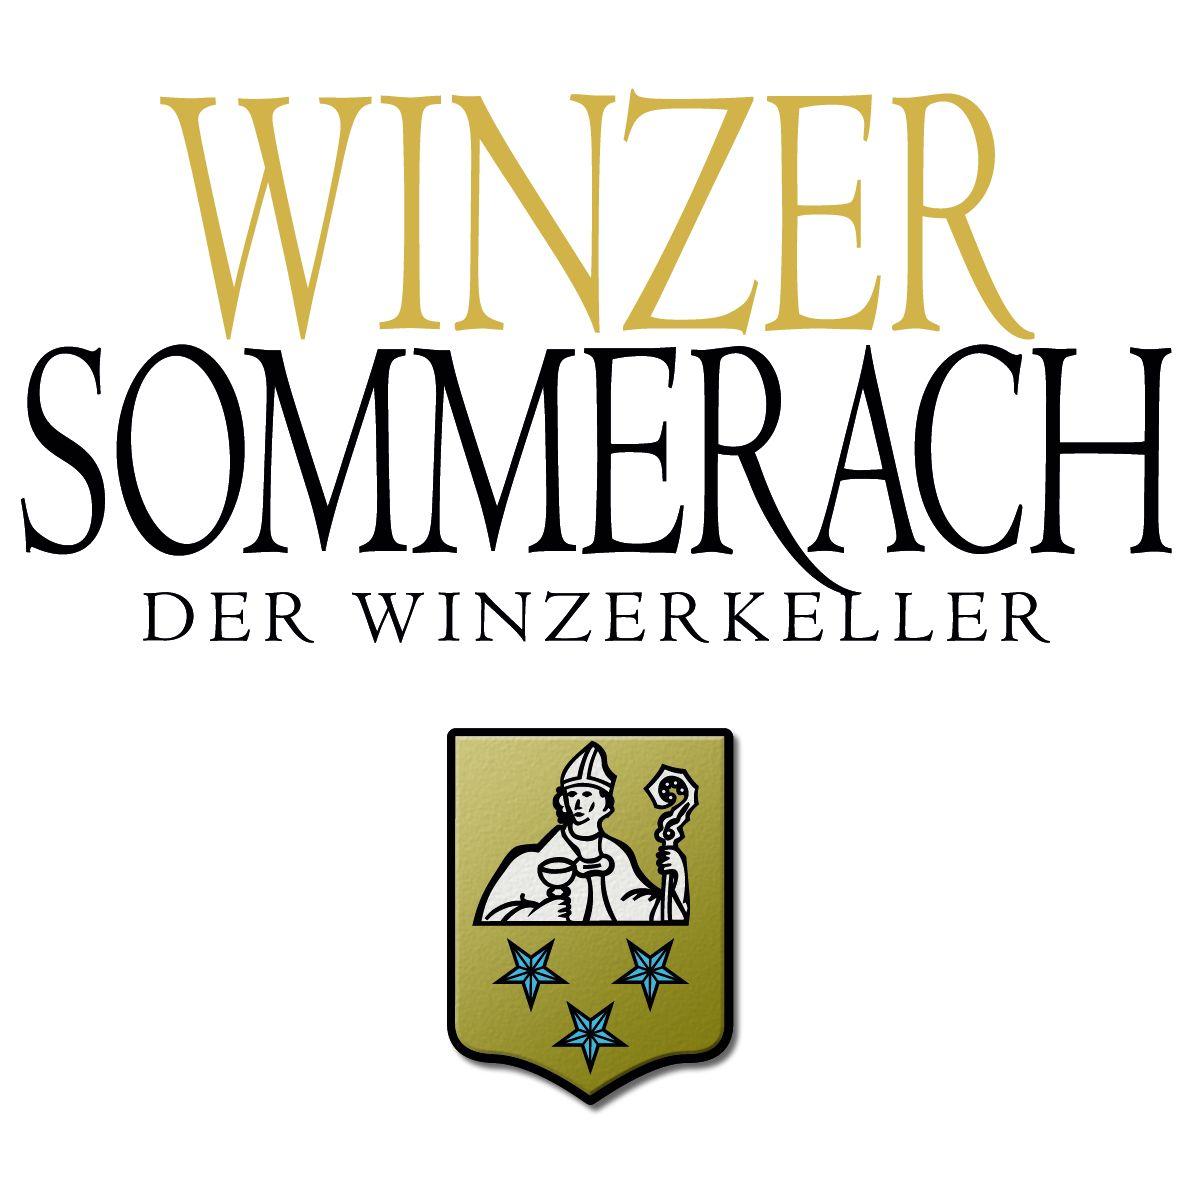 Winzerkeller Sommerach